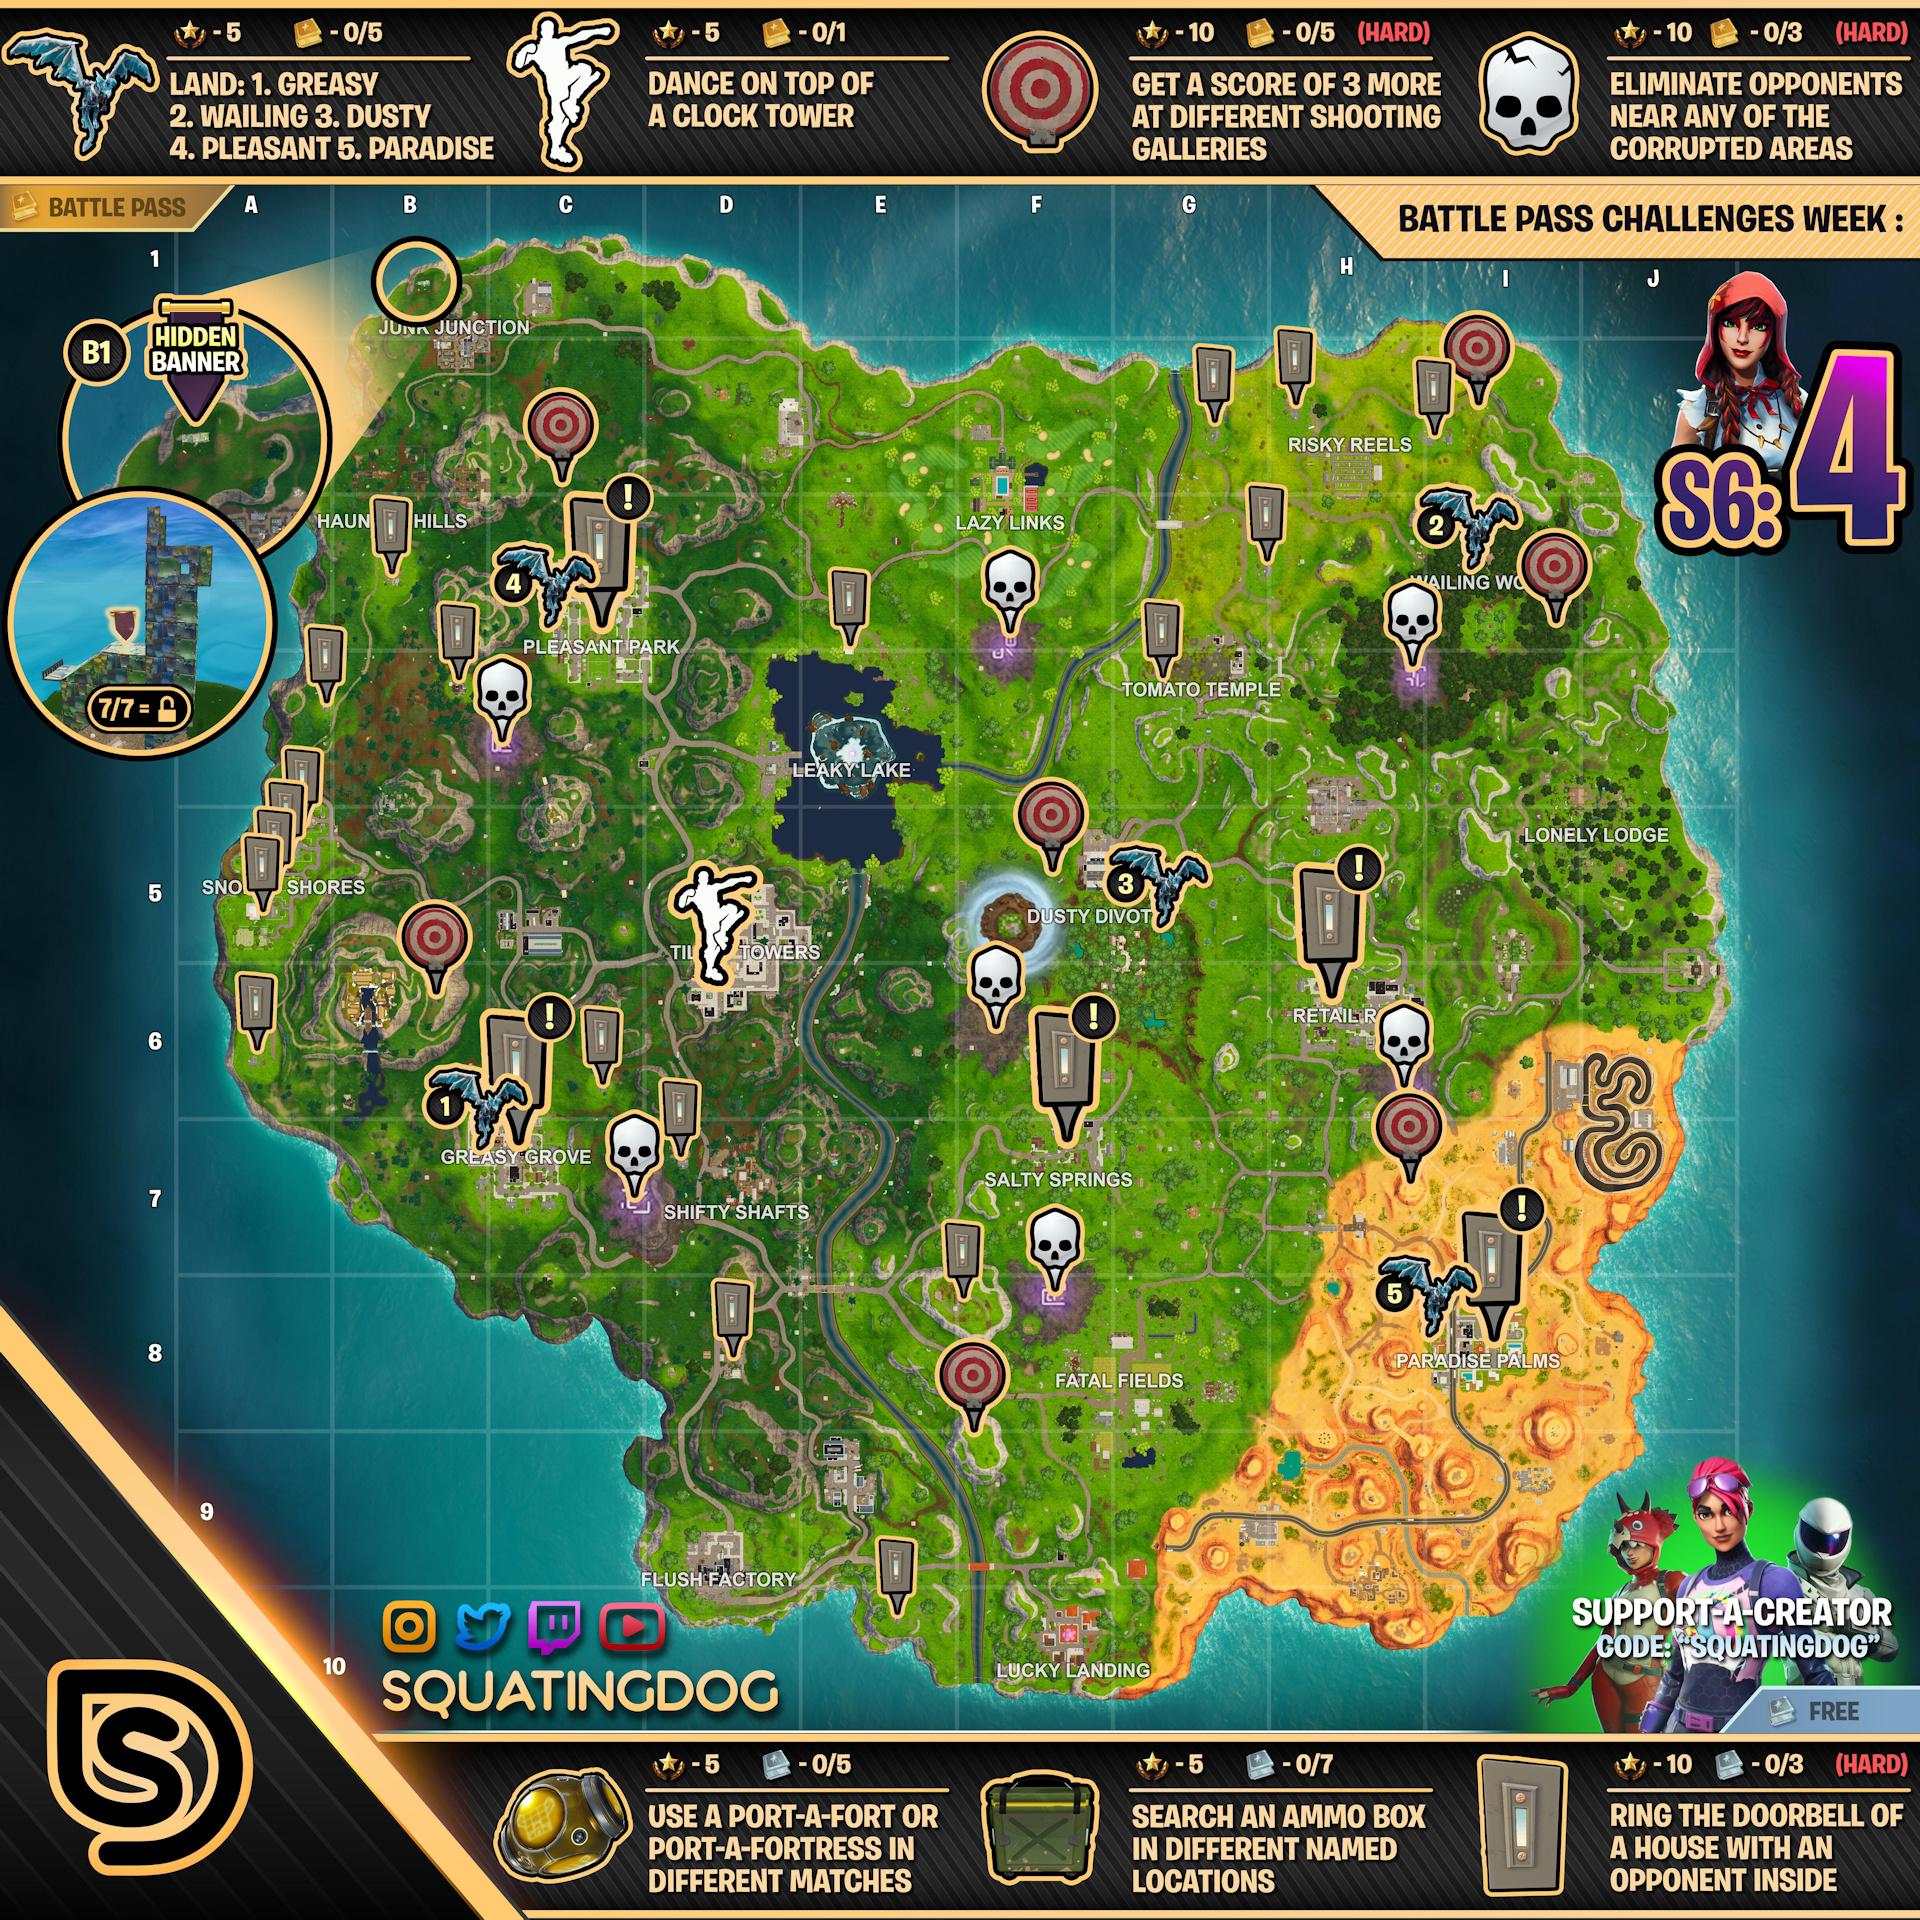 Fortnite Season 6 Week 4 Challenges Map